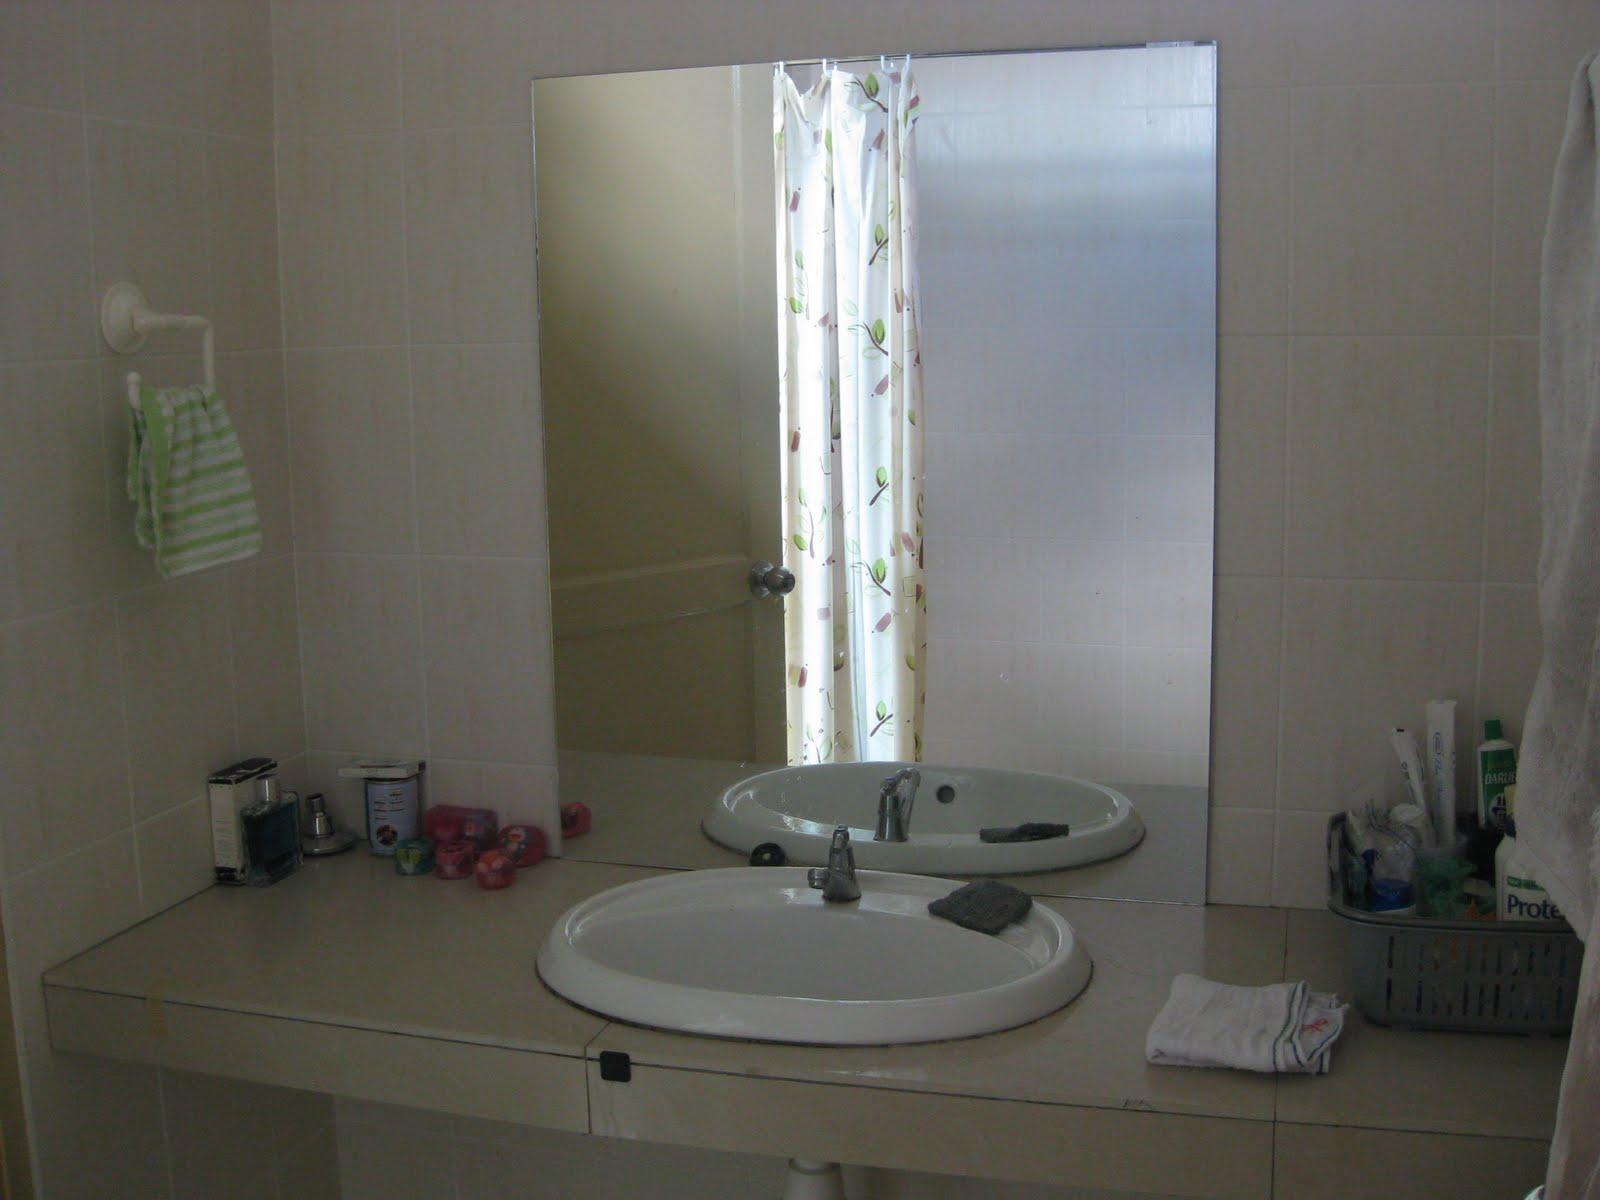 【廁所·鏡子】廁所鏡子 – TouPeenSeen部落格